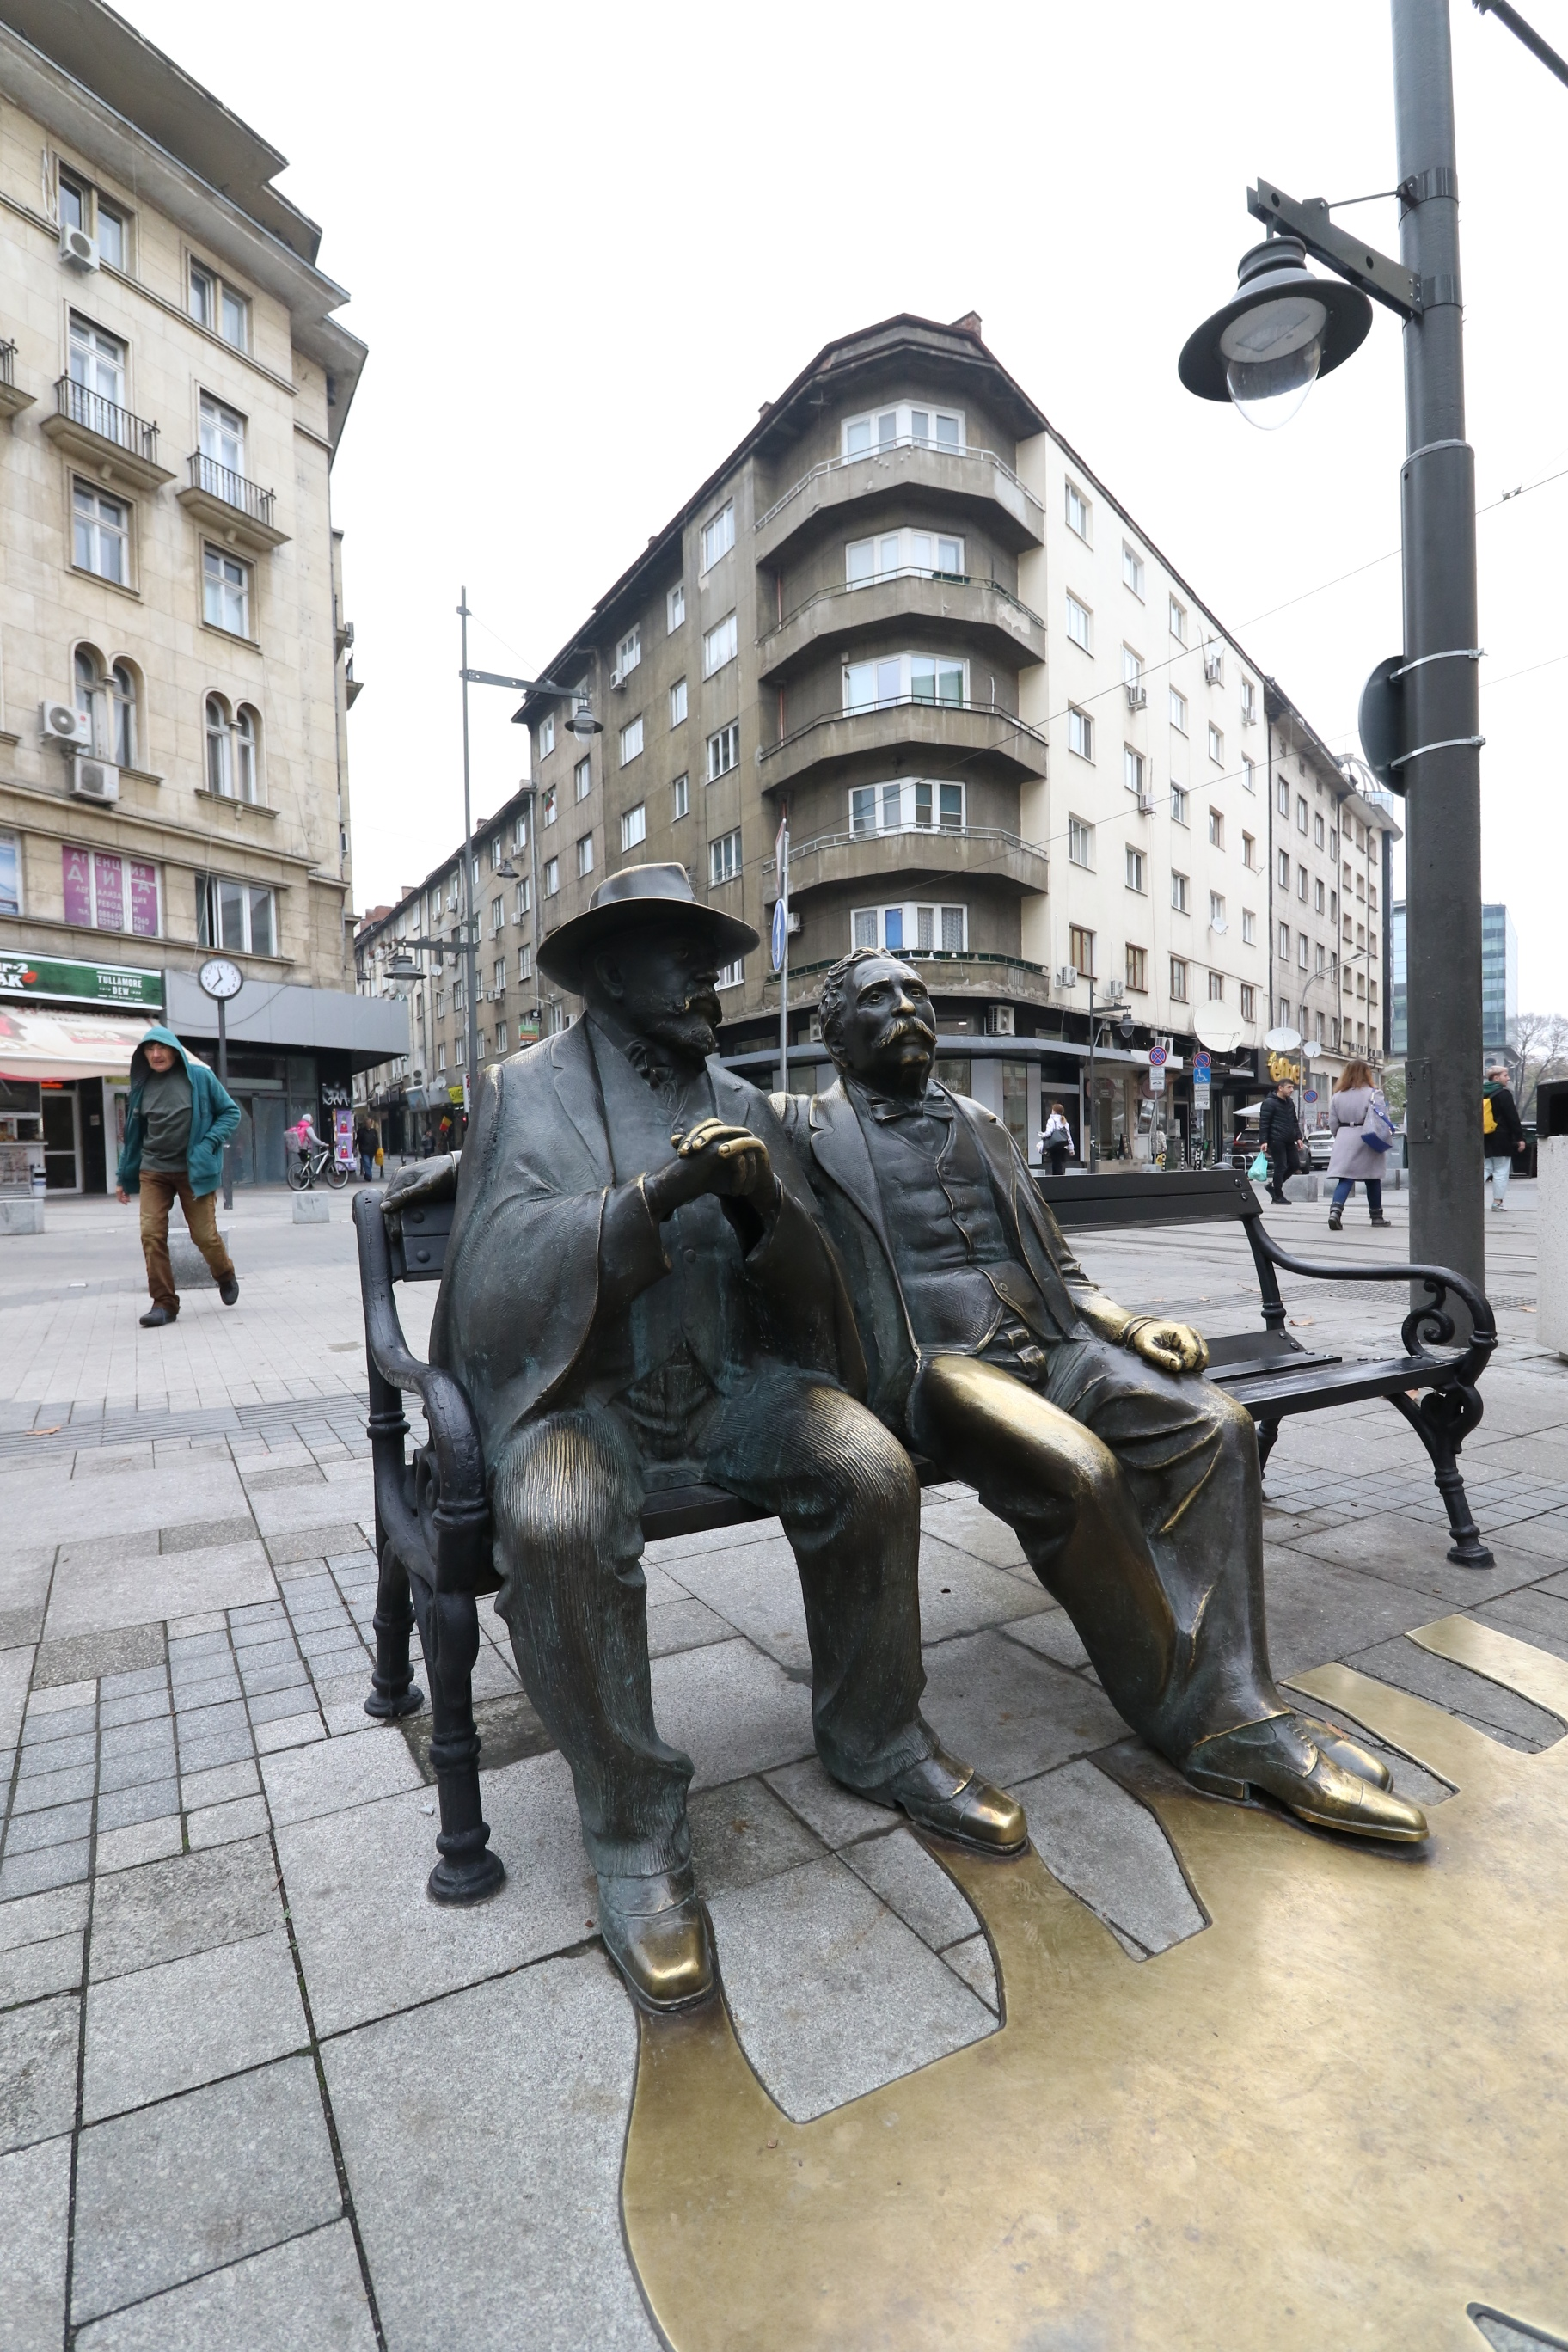 """Част от бронзовата статуя на Петко и Пенчо Славейкови от емблематичния площад изчезна. Синът остана без бастуна, на който се подпираше. Без него ръцете на Пенчо Славейков стоят необичайно, сключени като за молитва. Вандализмът сполетя композицията на Георги Чапкънов само около шест месеца, след като бе поставена на обновения площад """"Славейков"""""""